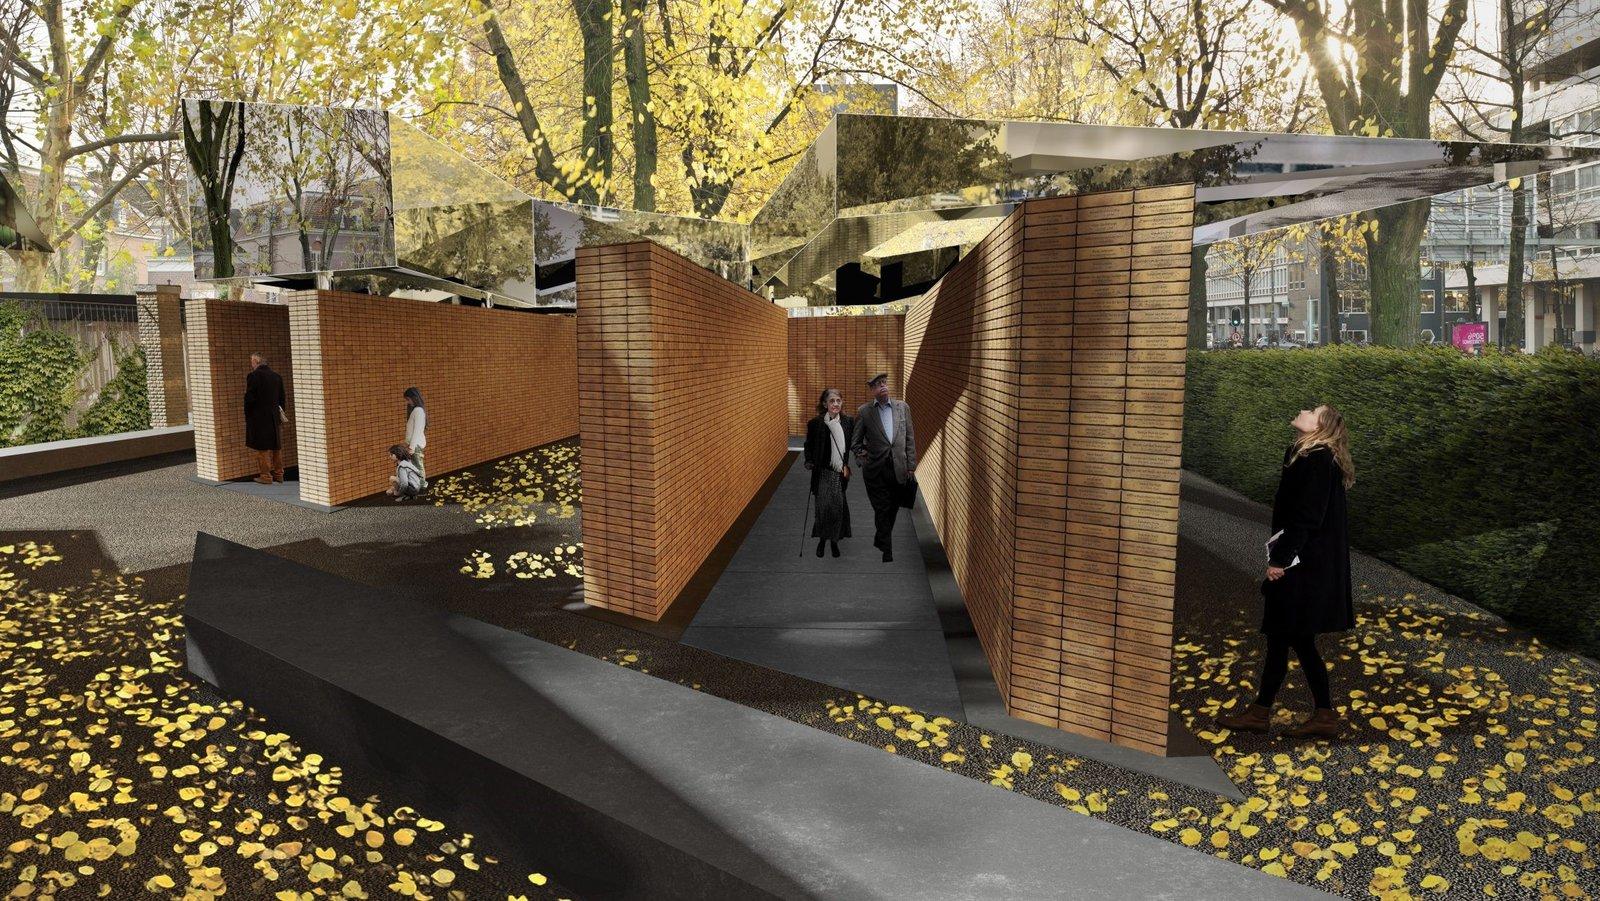 Abre el primer monumento de los Nombres del Holocausto en Países Bajos